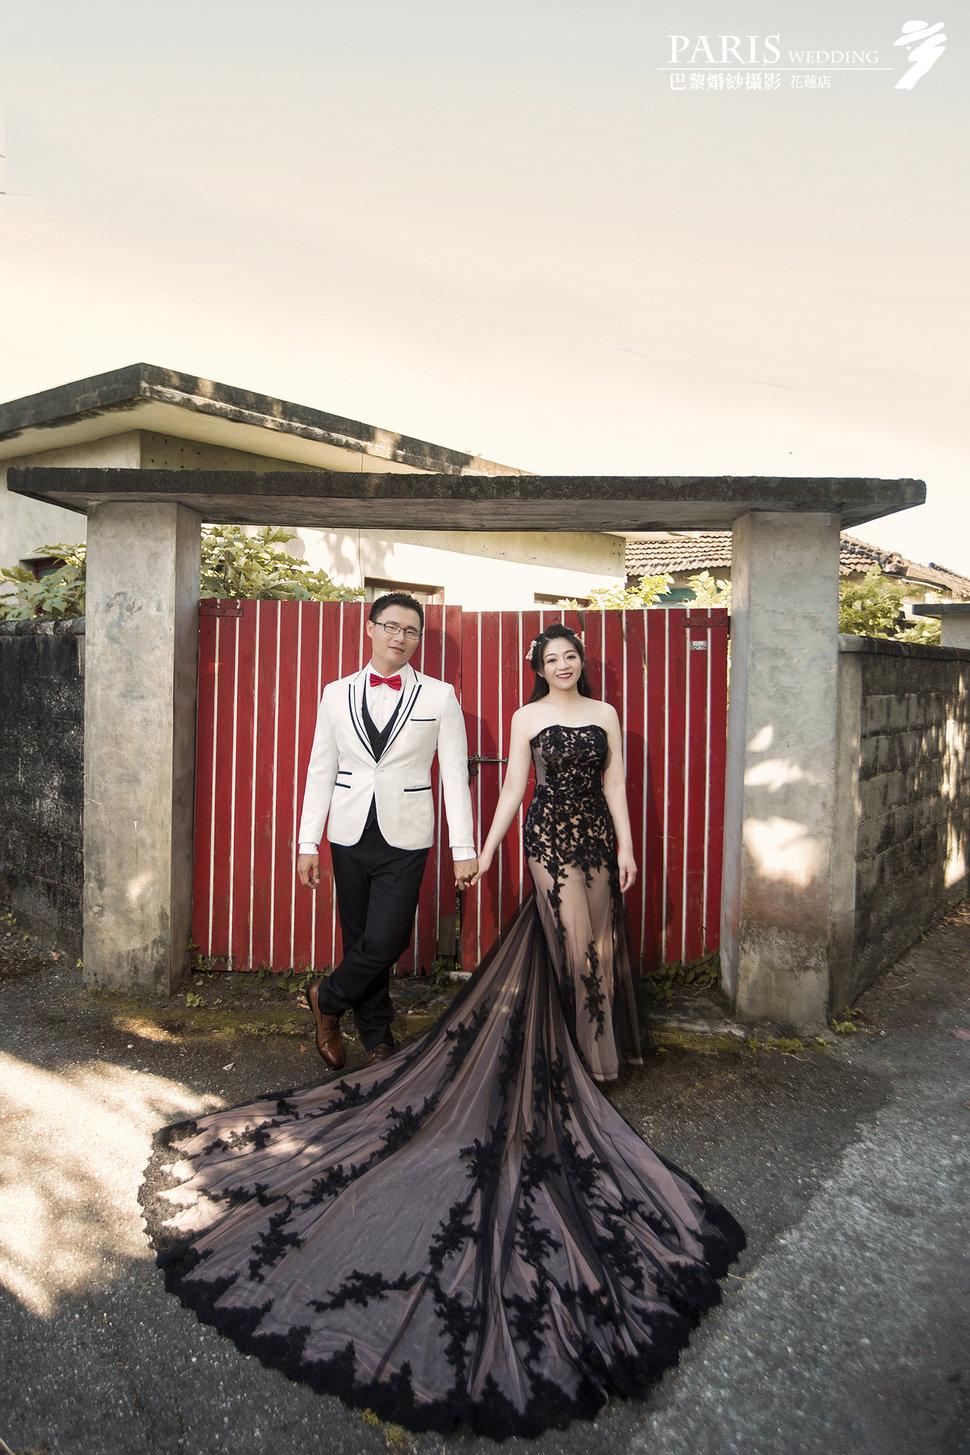 jacky-0142 拷貝 - 花蓮巴黎婚紗攝影《結婚吧》